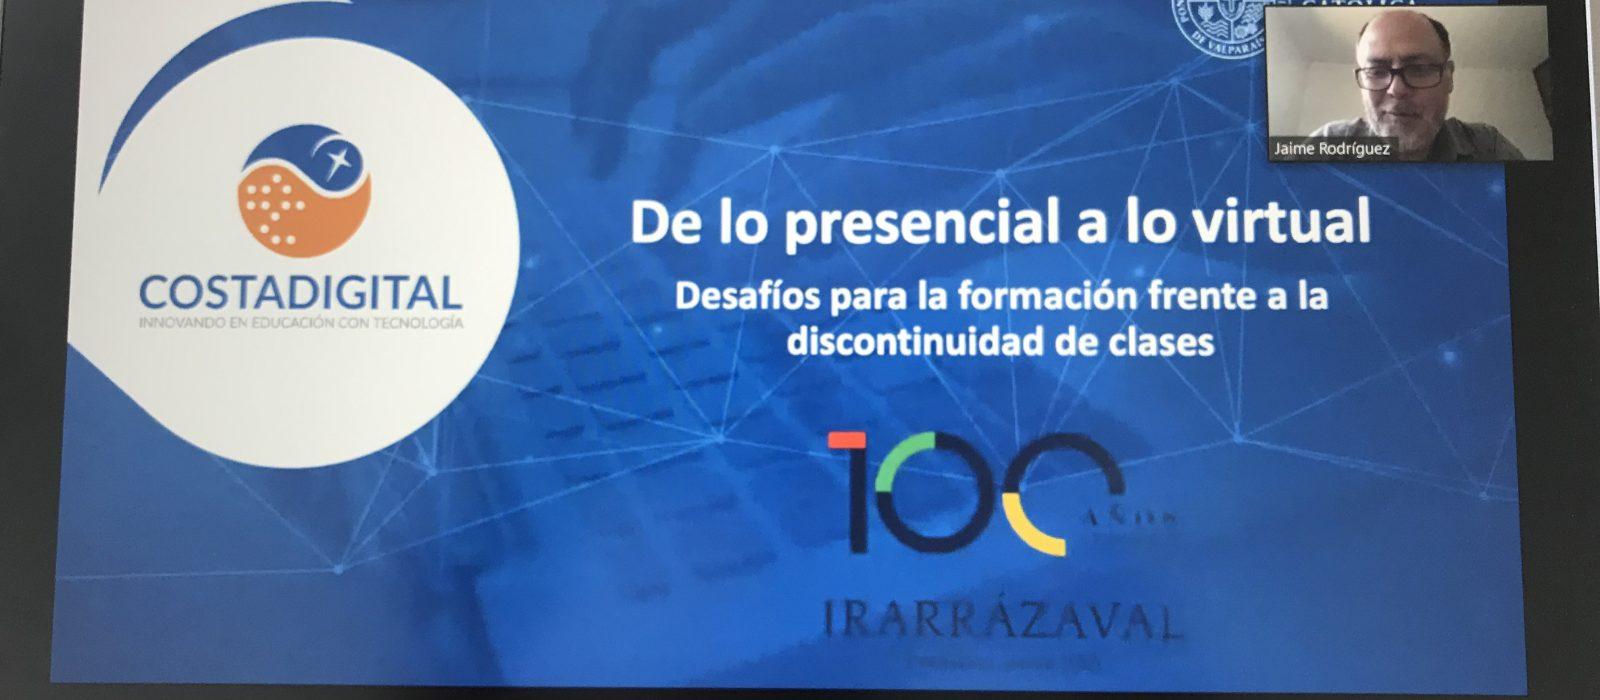 Decenas de profesores participaron en el primer seminario online organizado por Grupo Educar